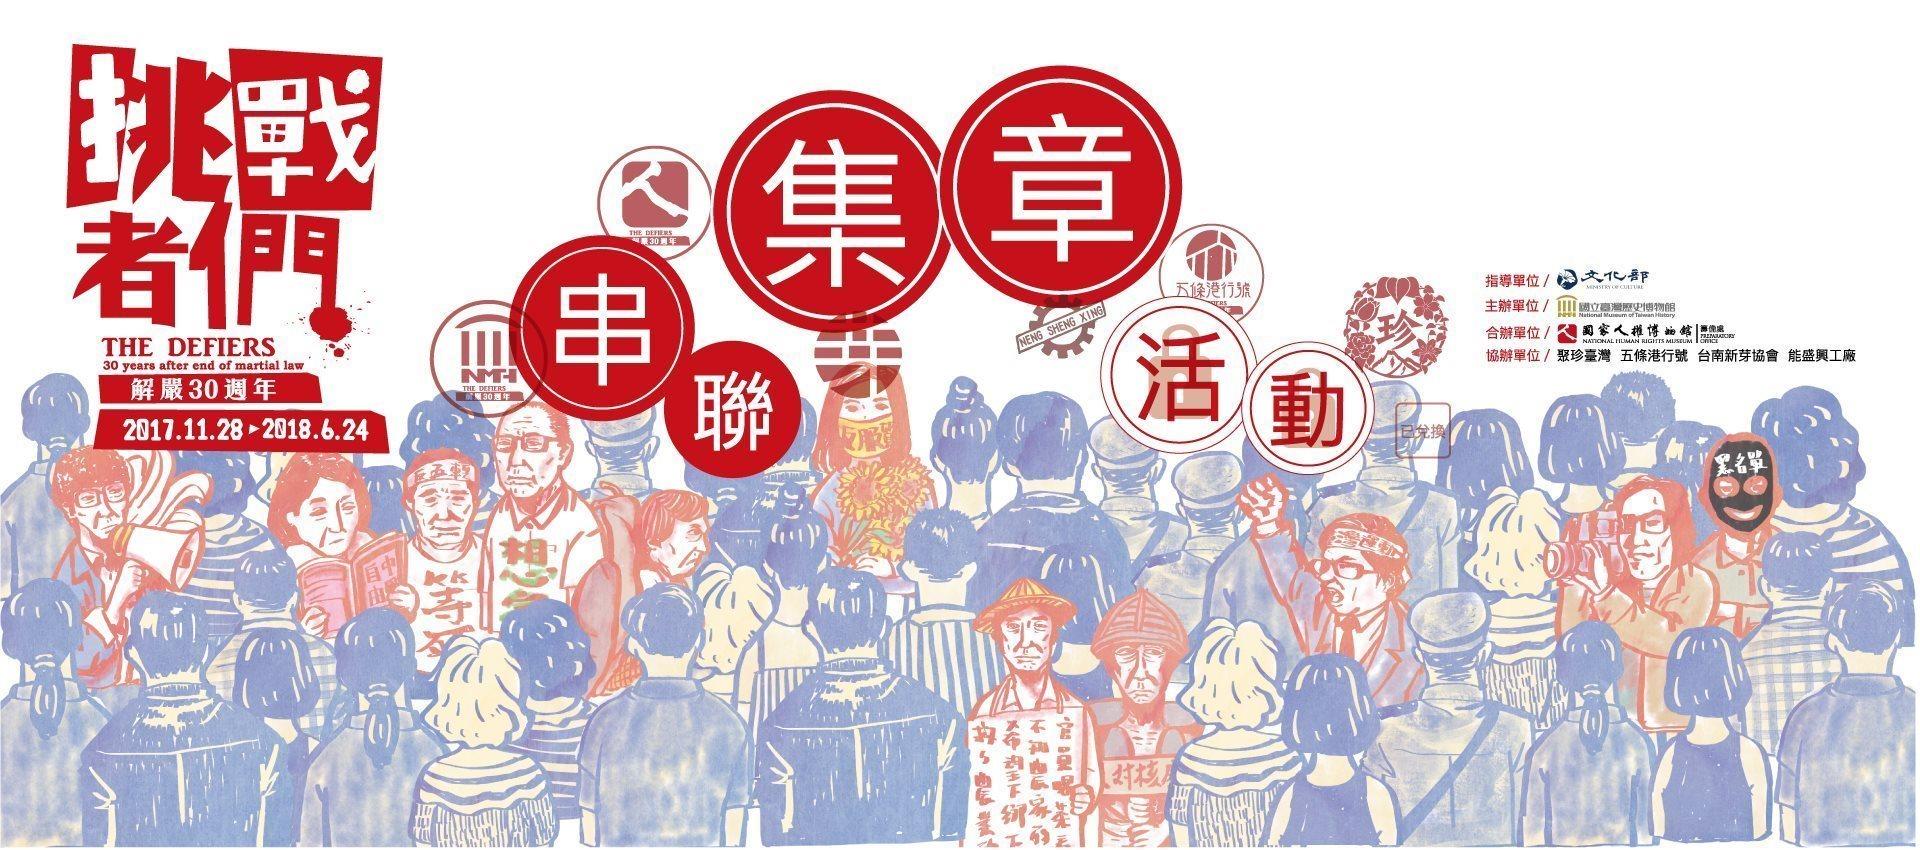 「挑戰者們:解嚴30週年」串聯集章活動[另開新視窗]